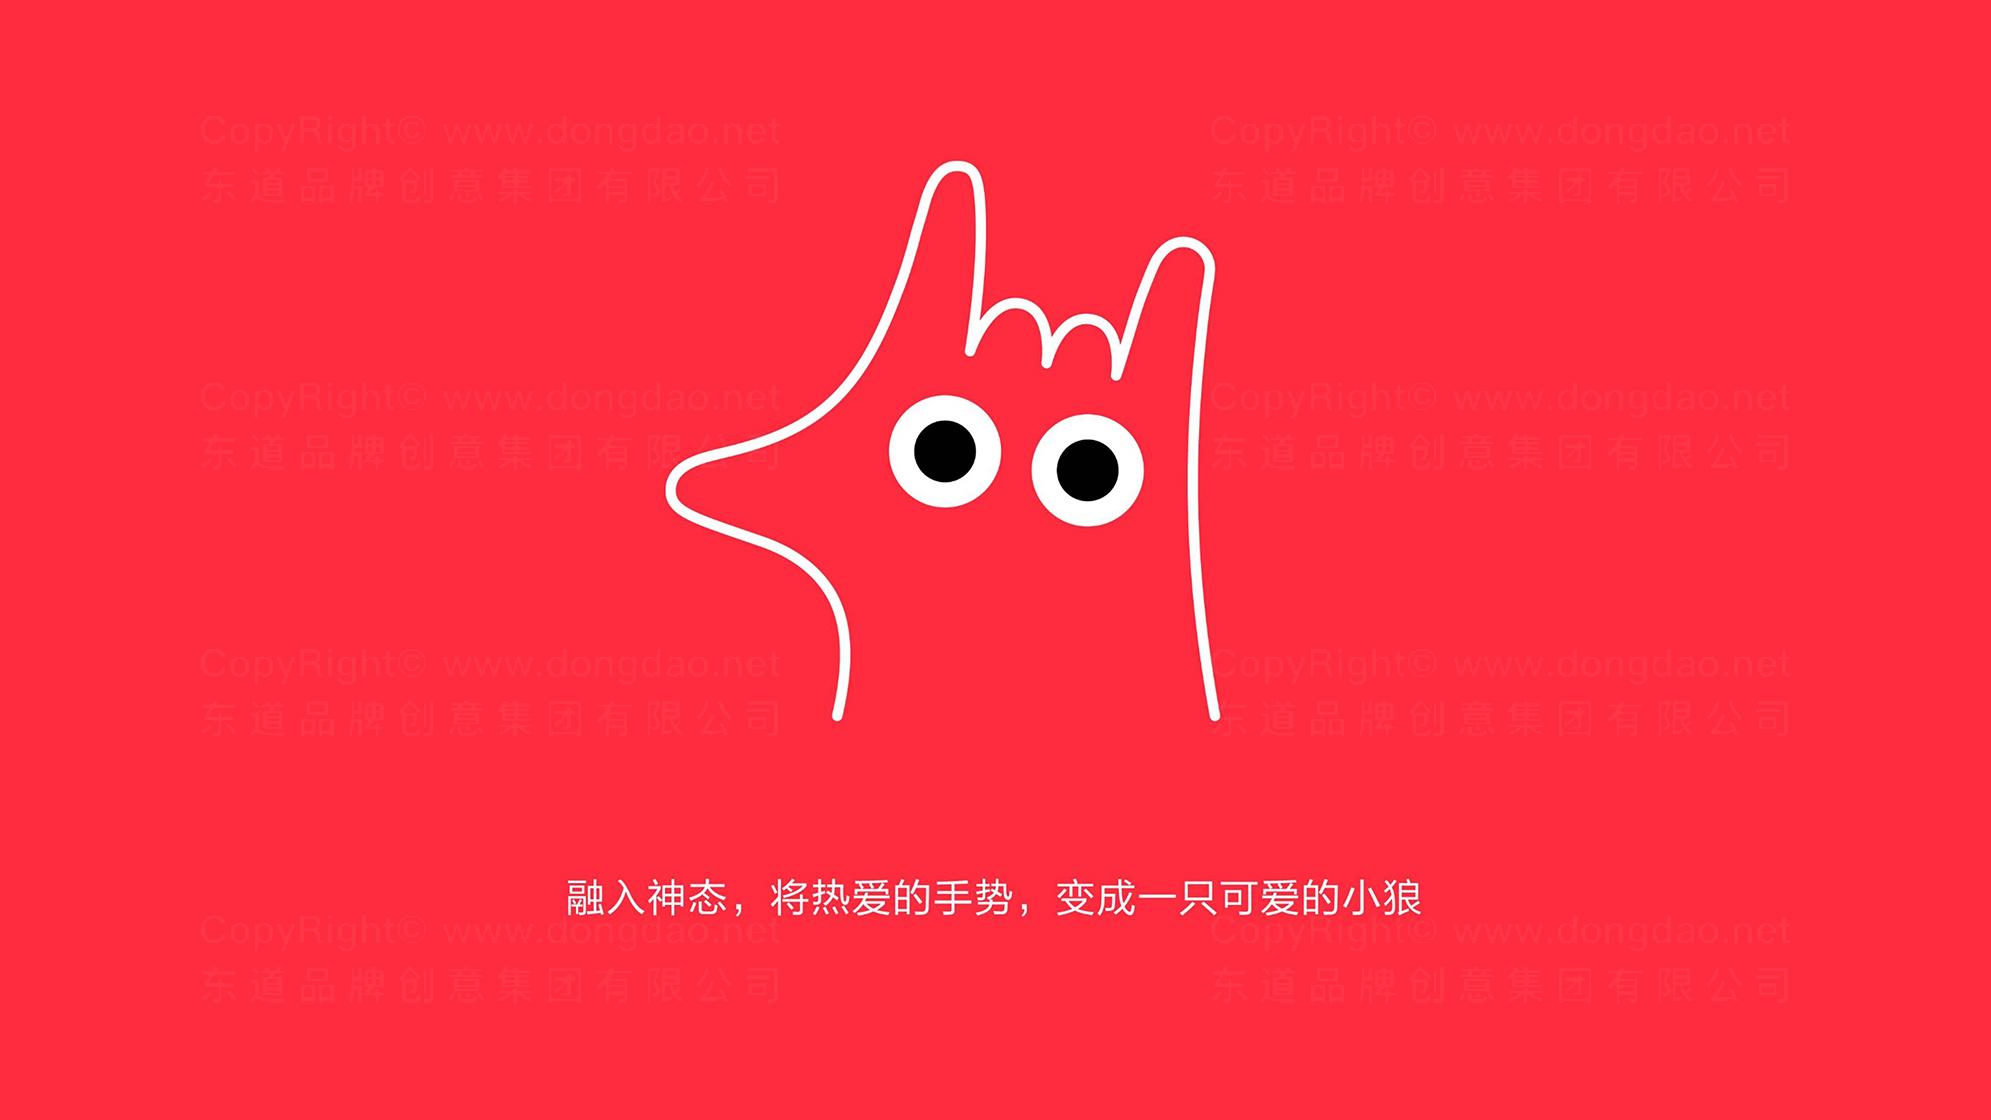 品牌设计开心果LOGO&VI设计应用场景